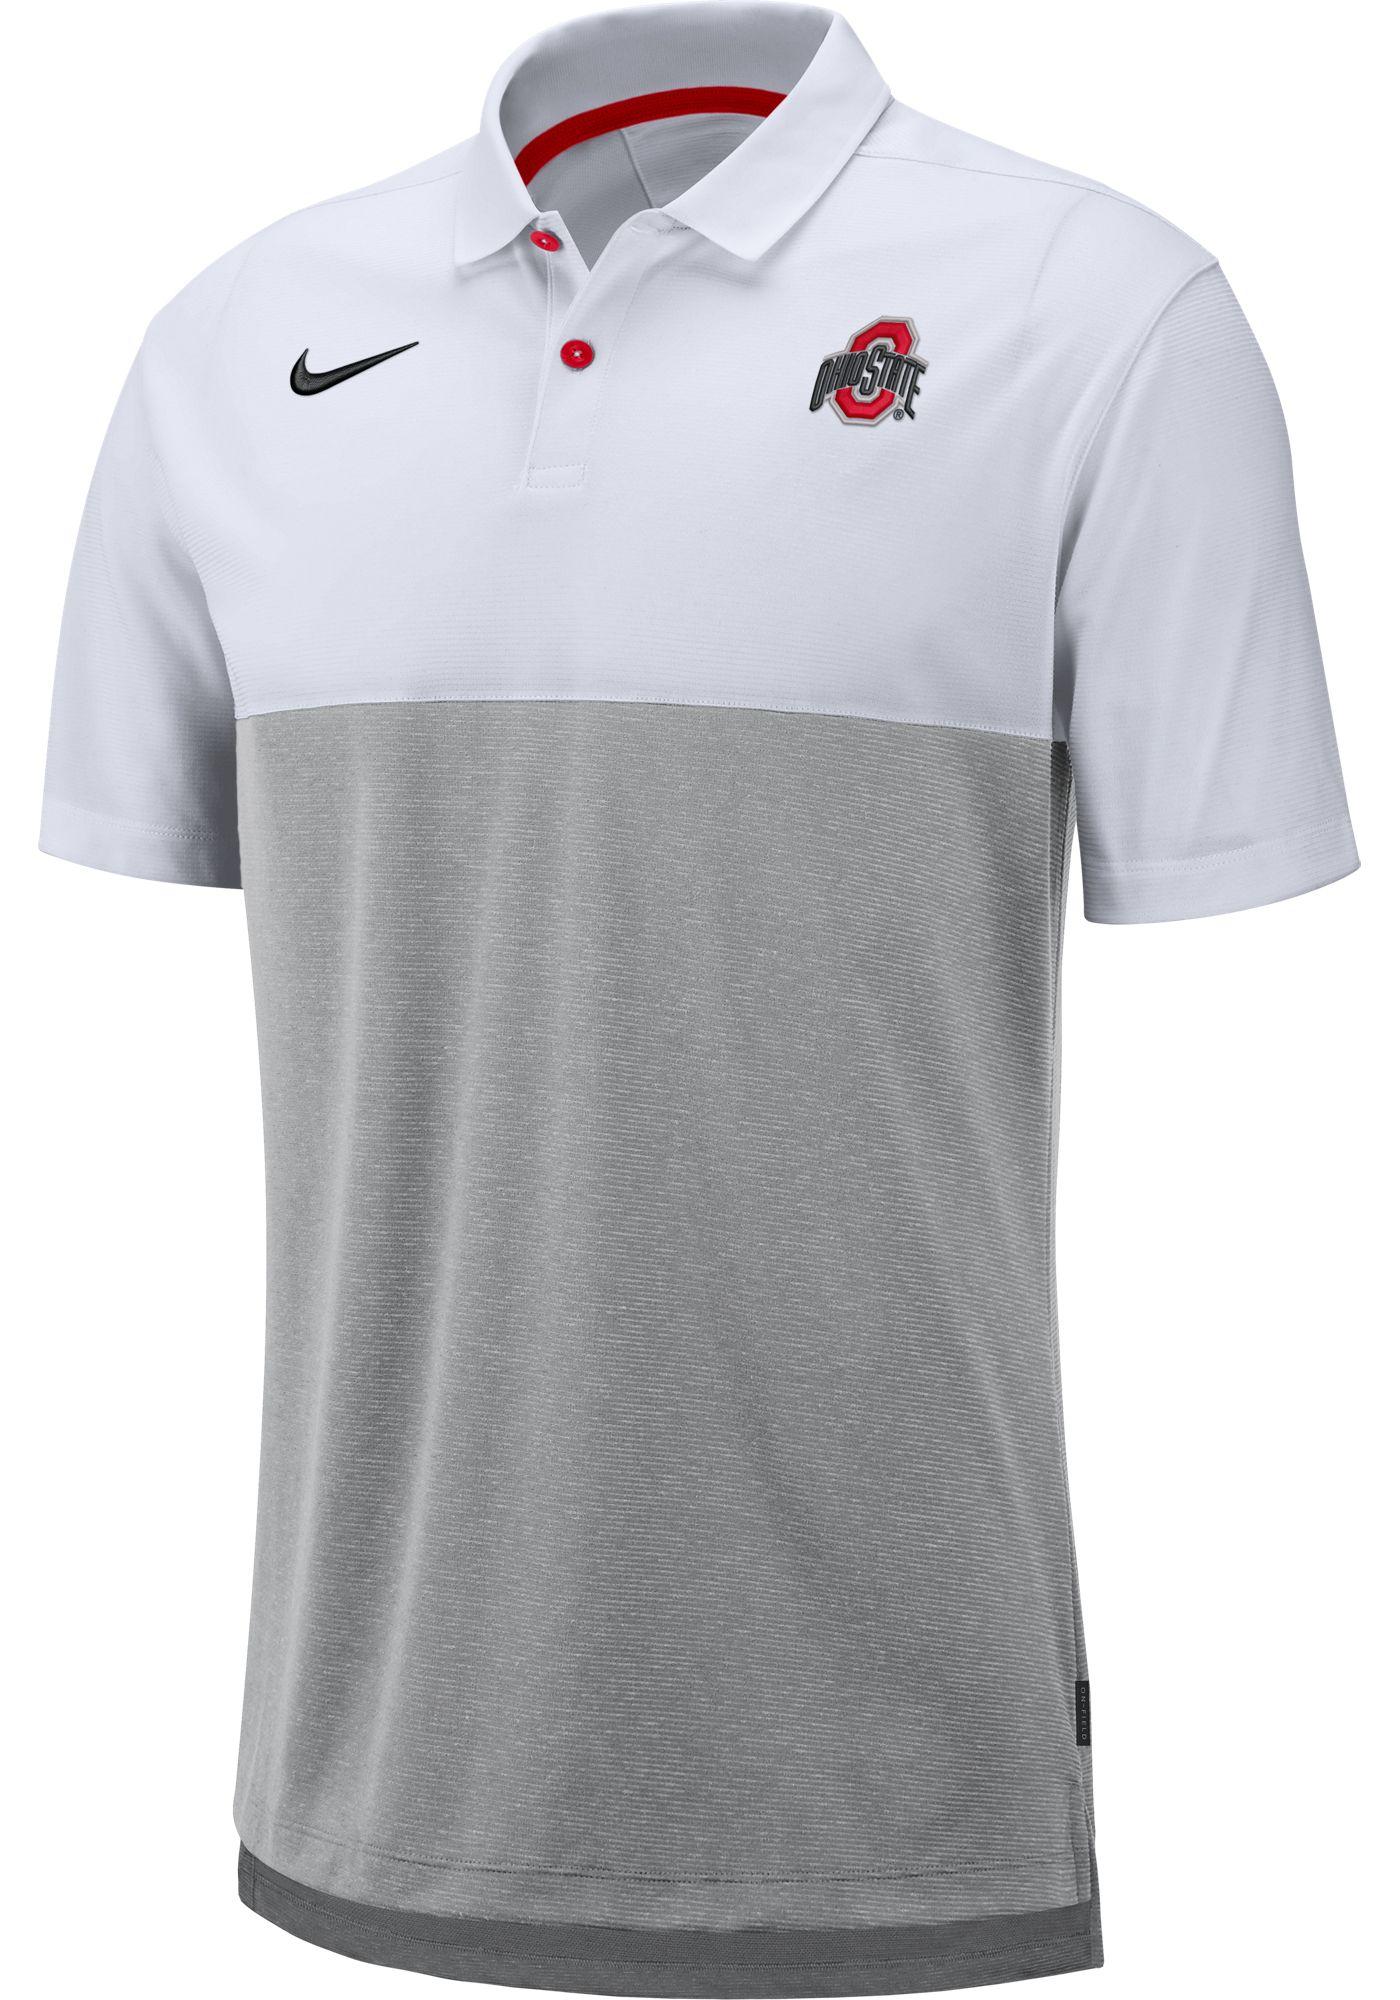 Nike Men's Ohio State Buckeyes White/Gray Dri-FIT Breathe Football Sideline Polo